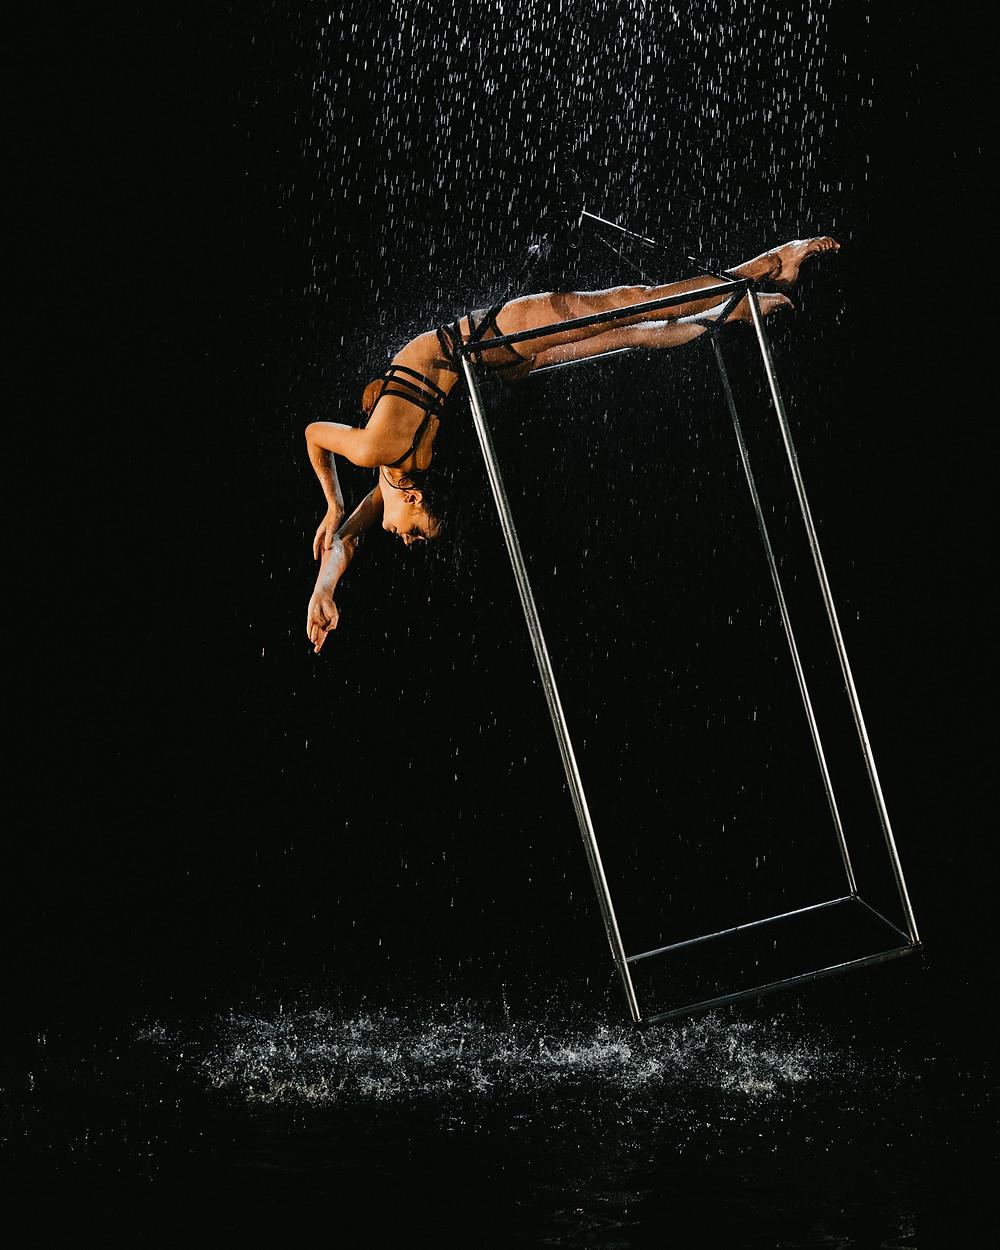 circus performer in Las Vegas hangs upside down in the rain, captured by las Vegas wedding photographer hayway films